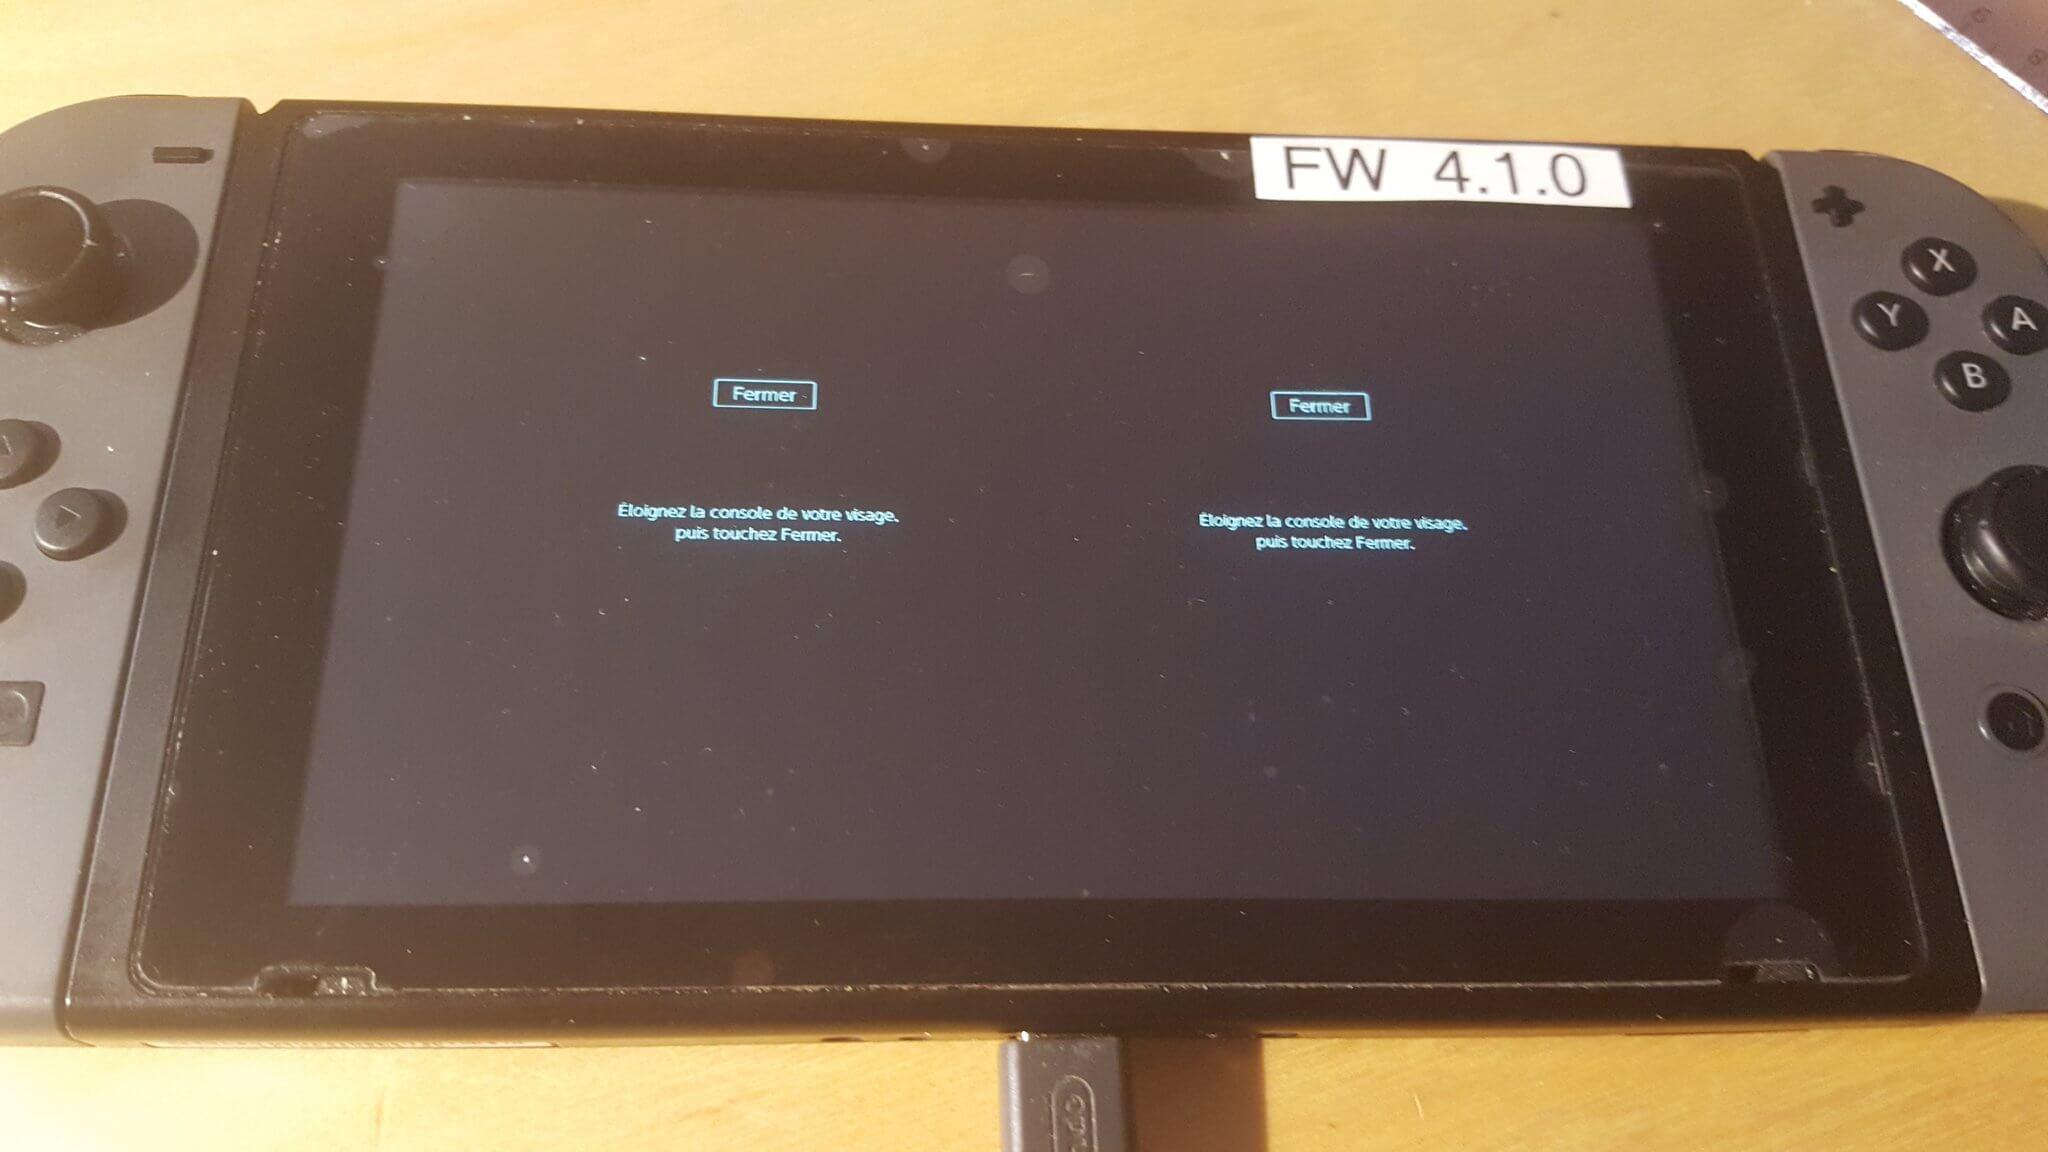 A tela verticalmente dividida pode indicar que o nintendo switch realmente possui opções para realidade virtual.